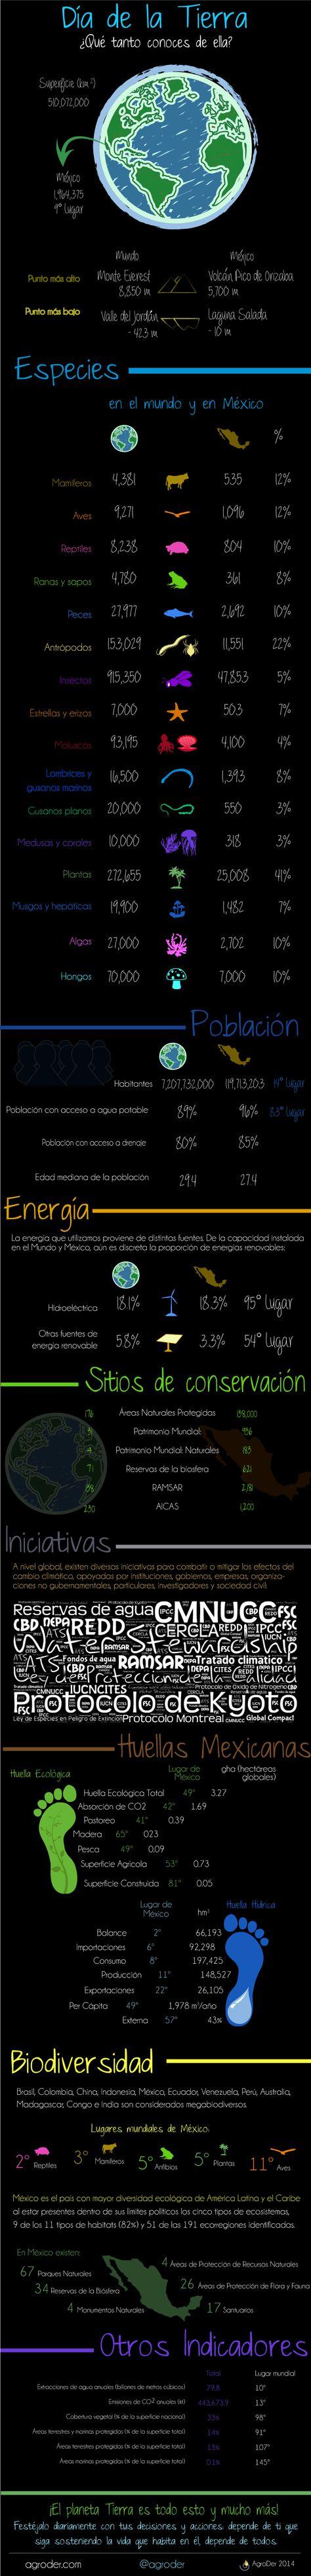 Infografía: Día de la Tierra: Hoy celebramos que nos da todo lo que necesitamos ¿qué tanto conoces de ella? #DiaDeLaTierra